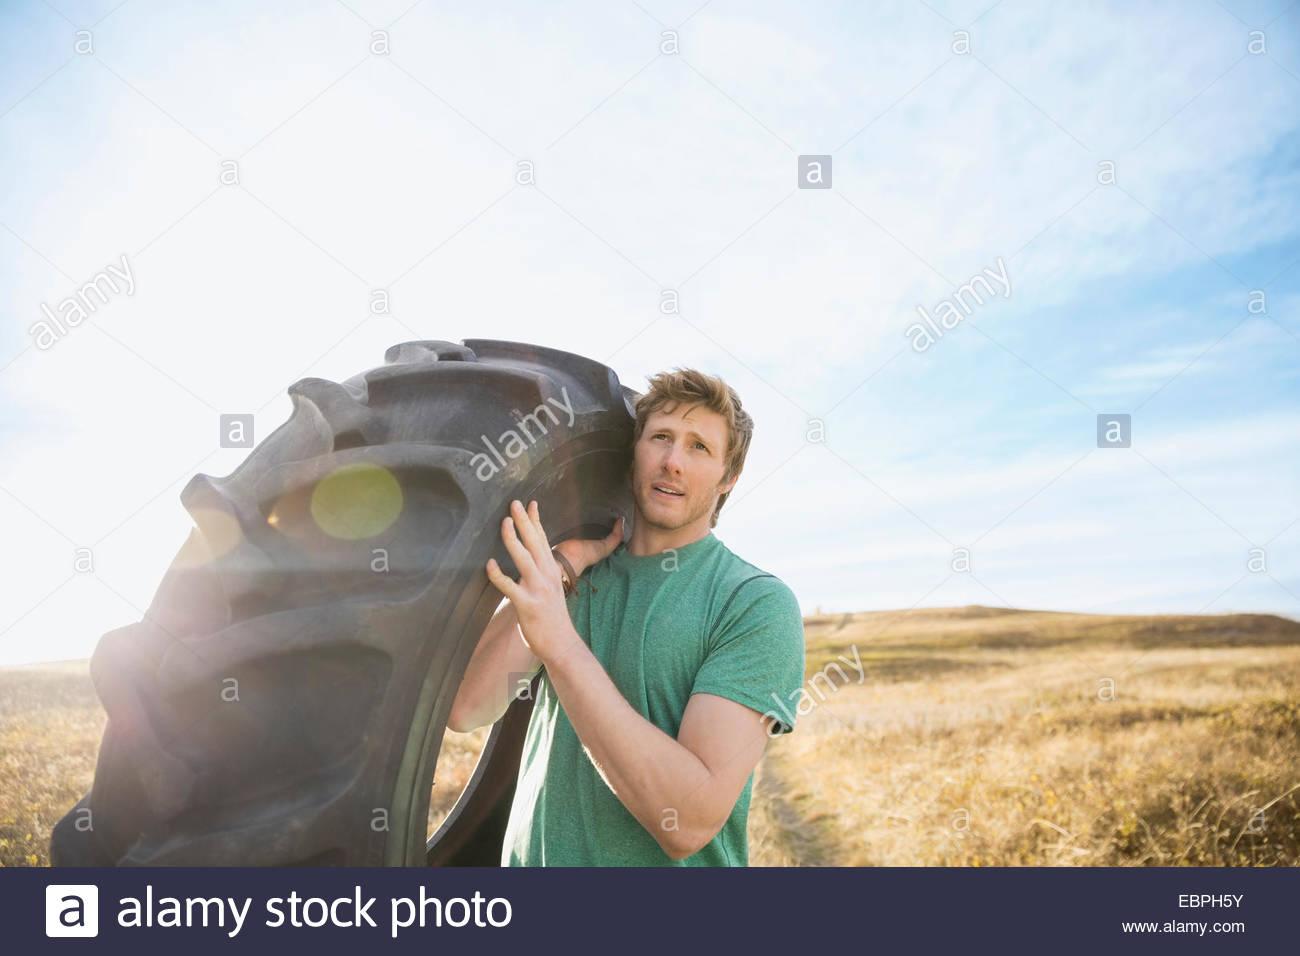 Uomo che porta crossfit pneumatico nel soleggiato campo rurale Immagini Stock